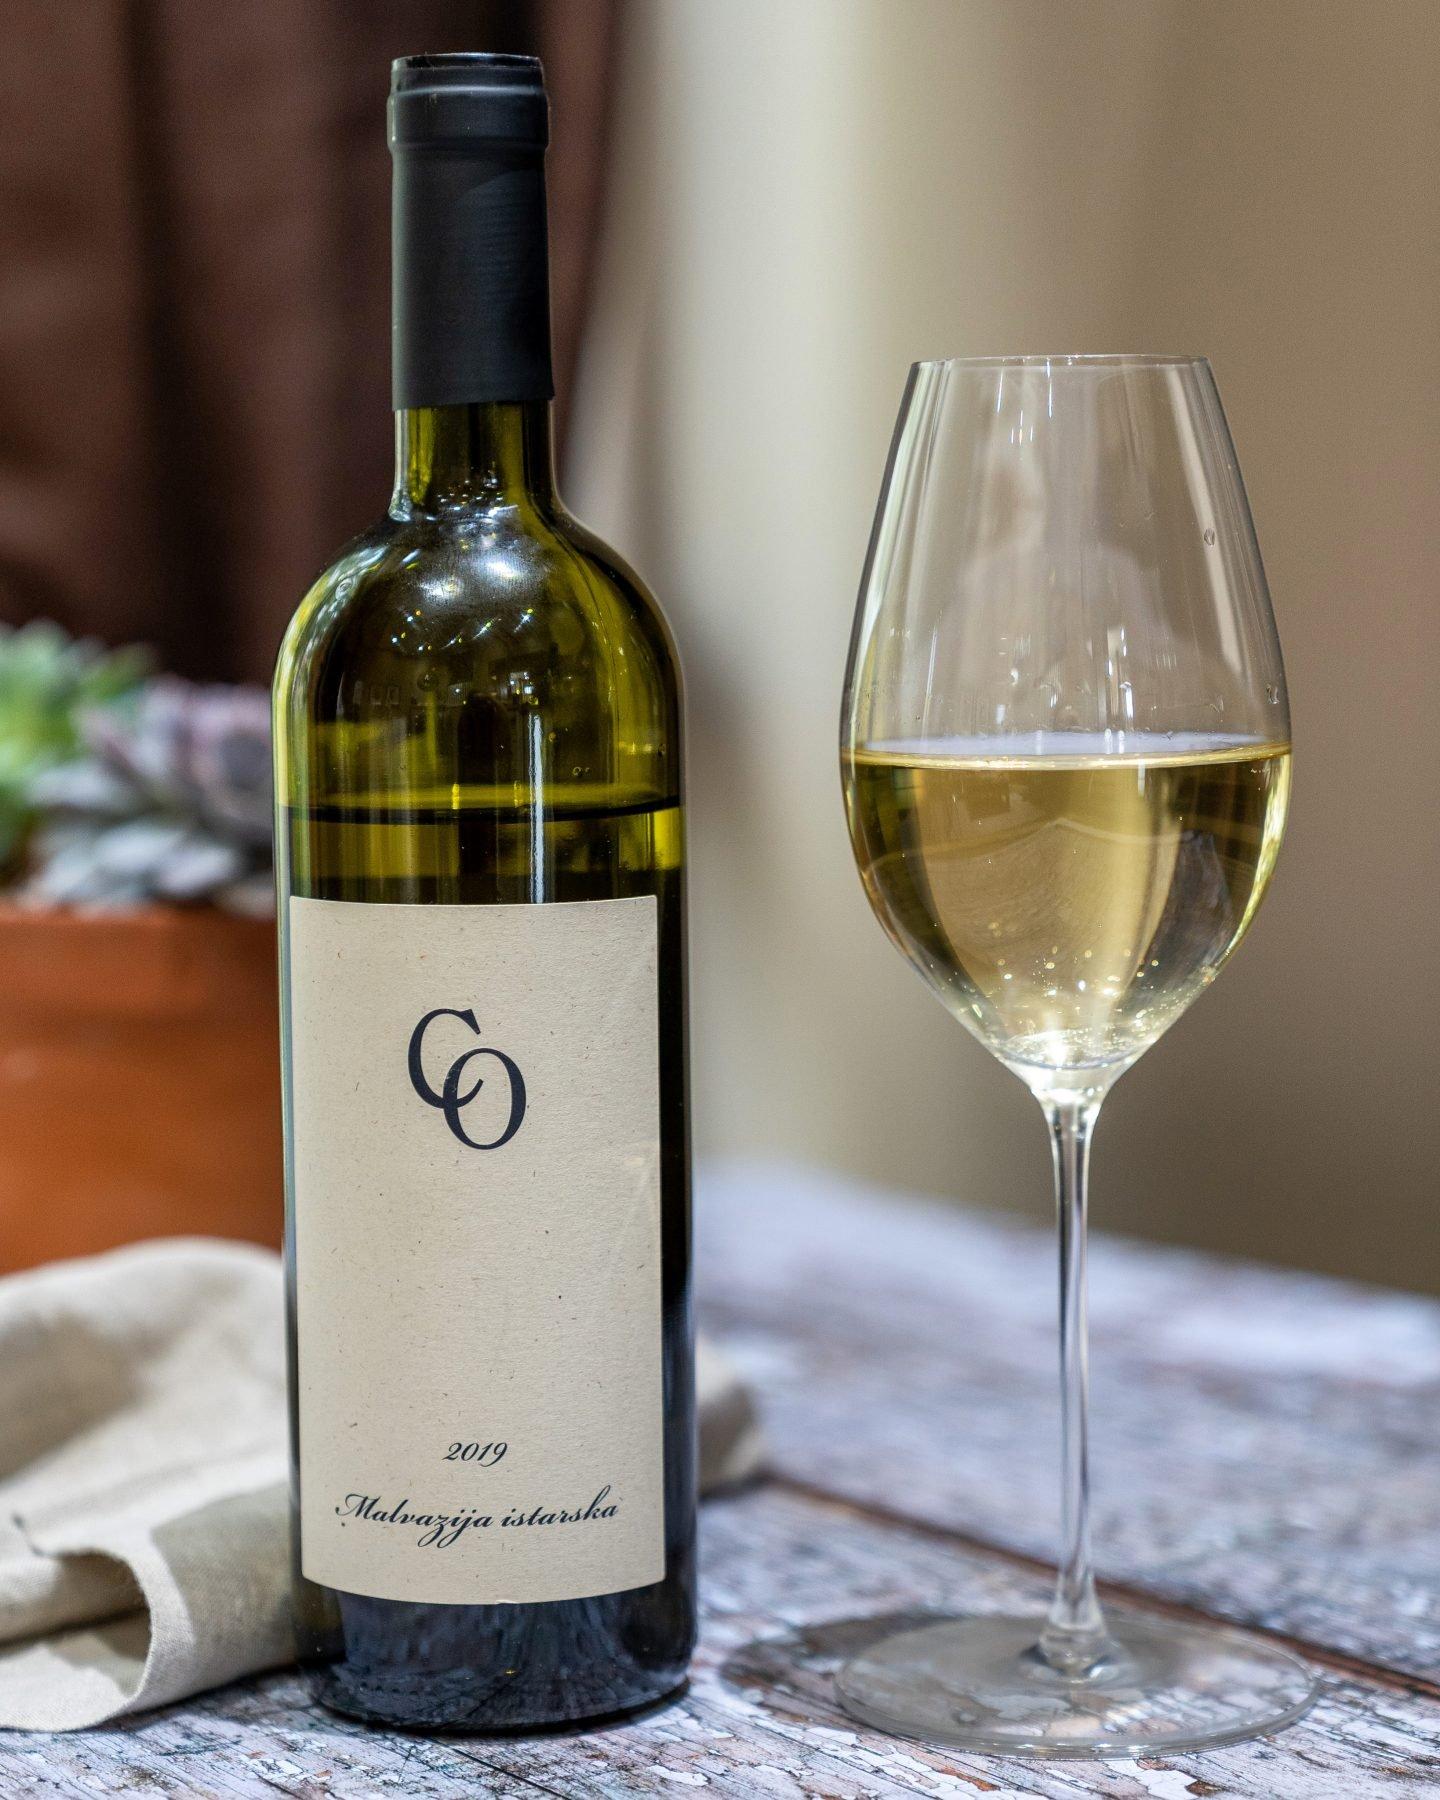 Coronica Malvazija malvazija Istarska coronica Malvazija Malvazija malvazija istriana malvasia Malvasia wine malmsey wine